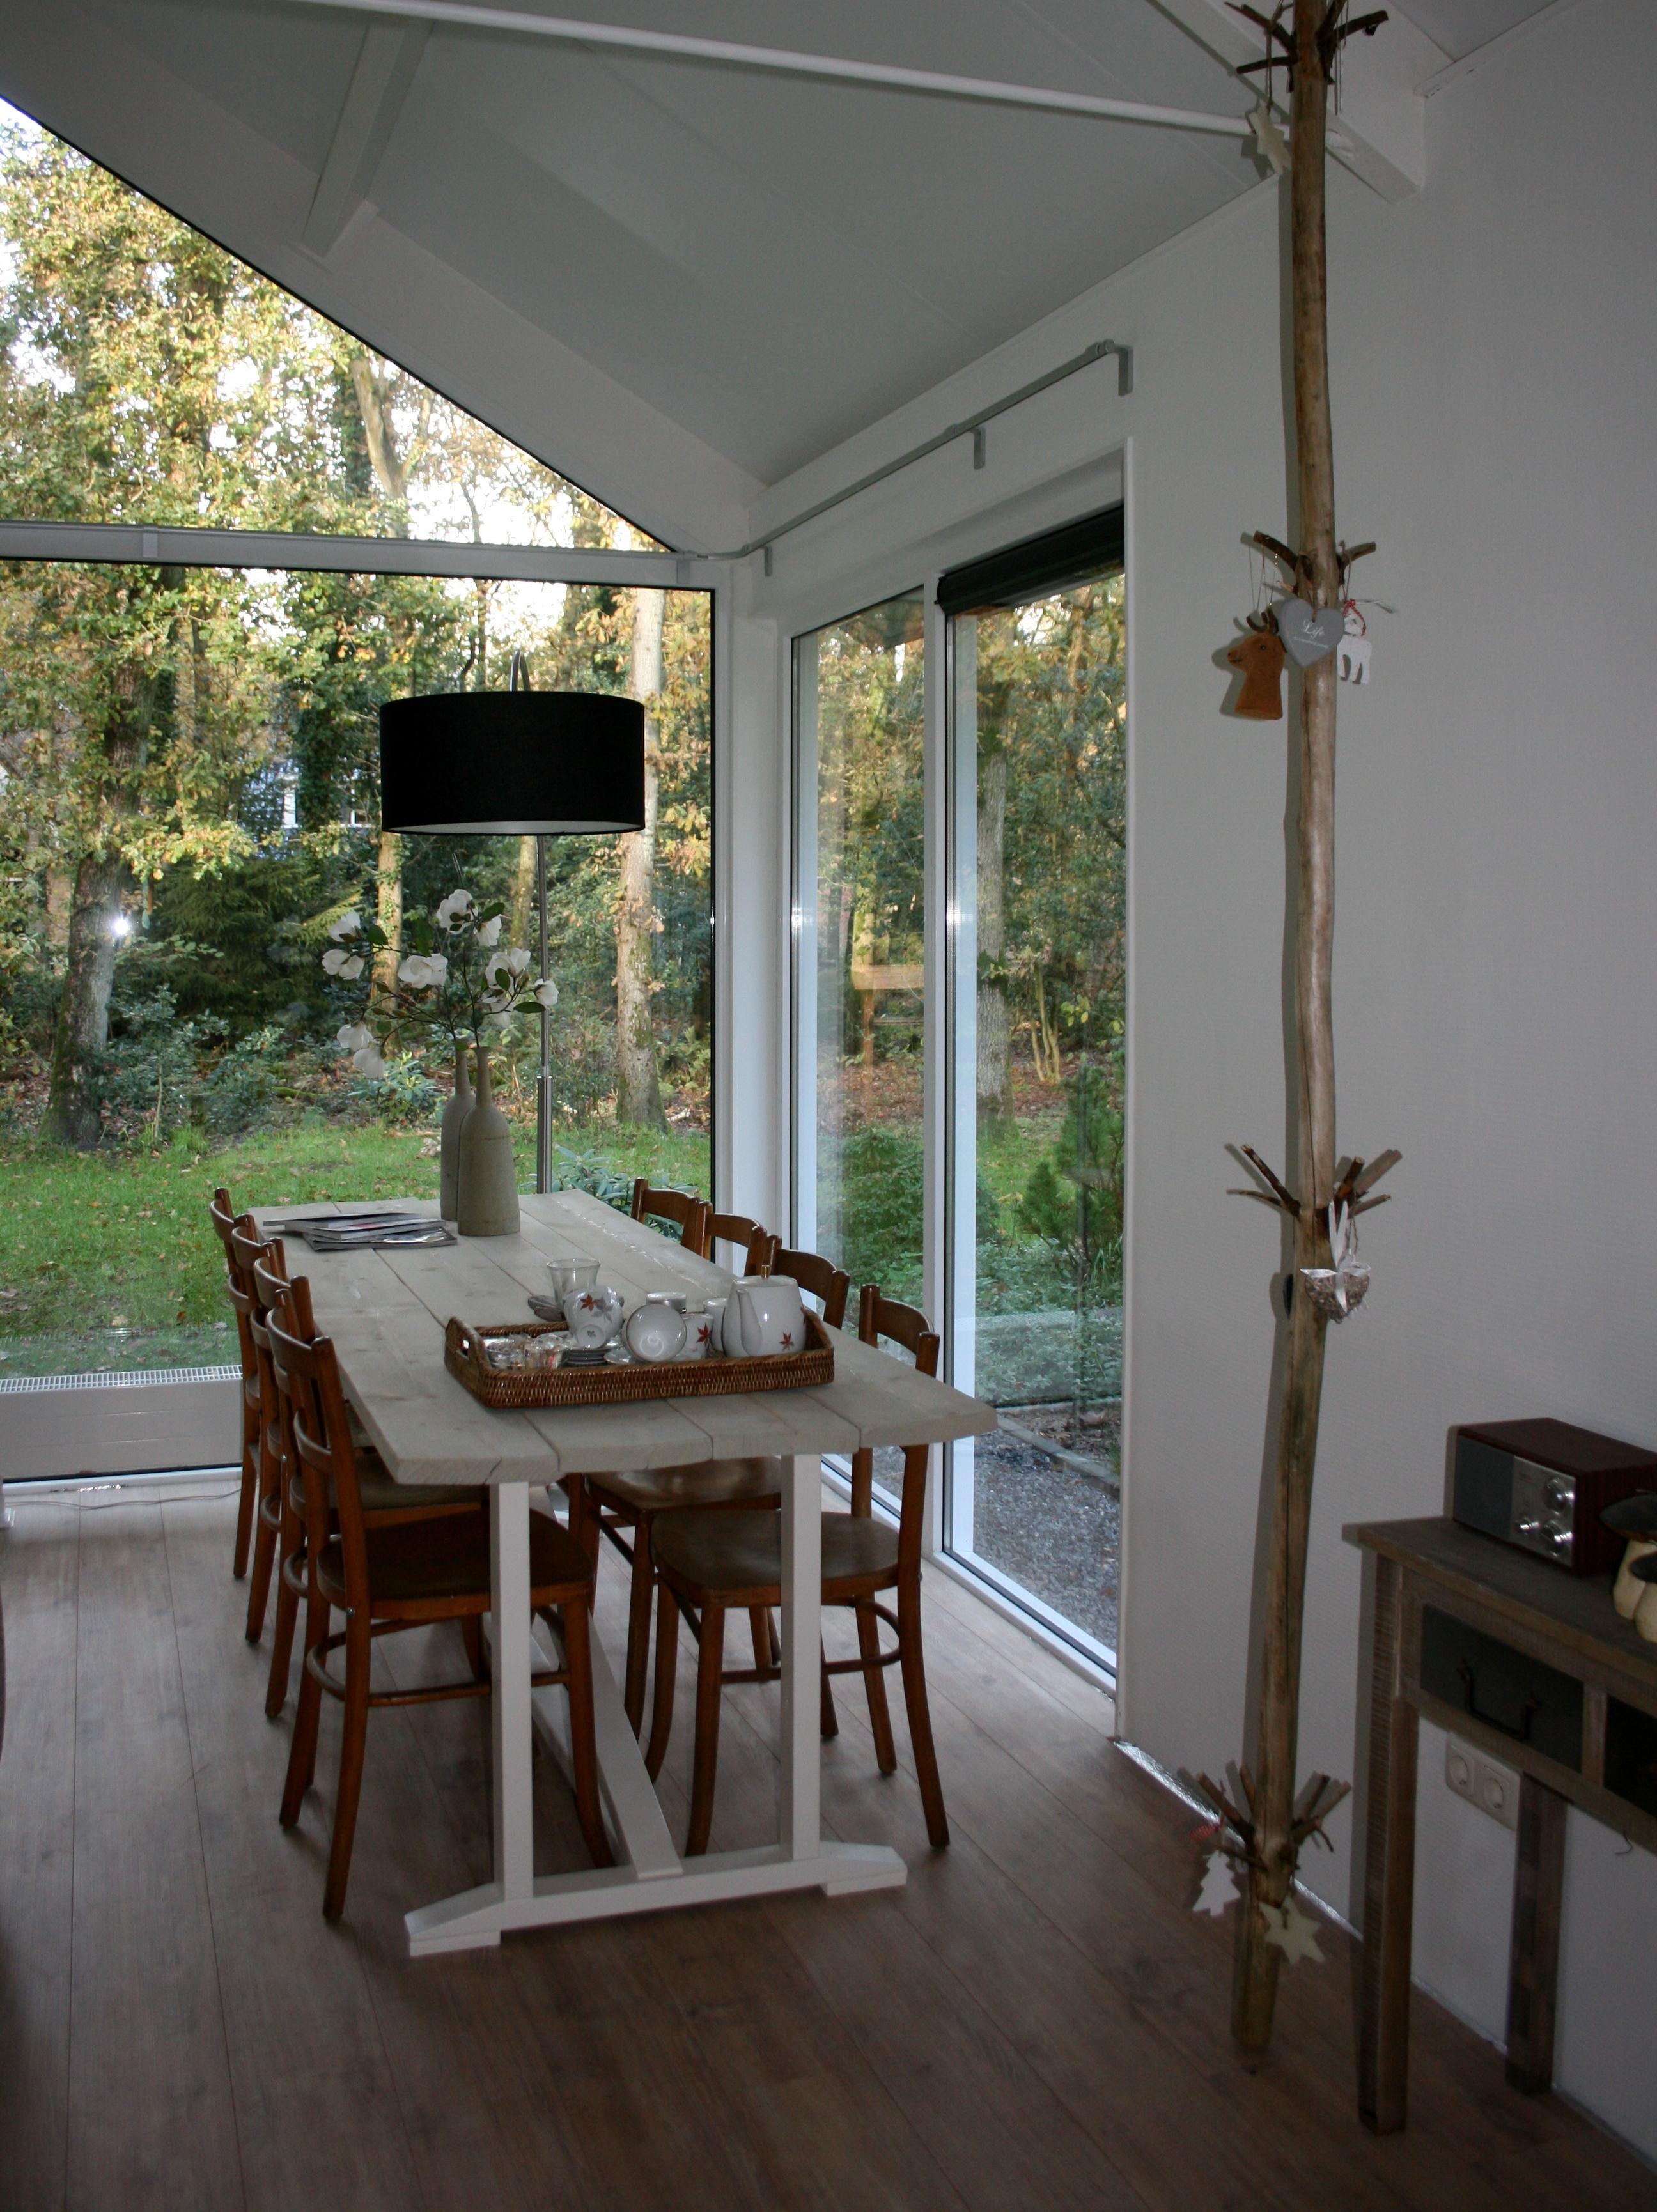 Eettafel voor 8 personen - Boshuis Bos en Wei